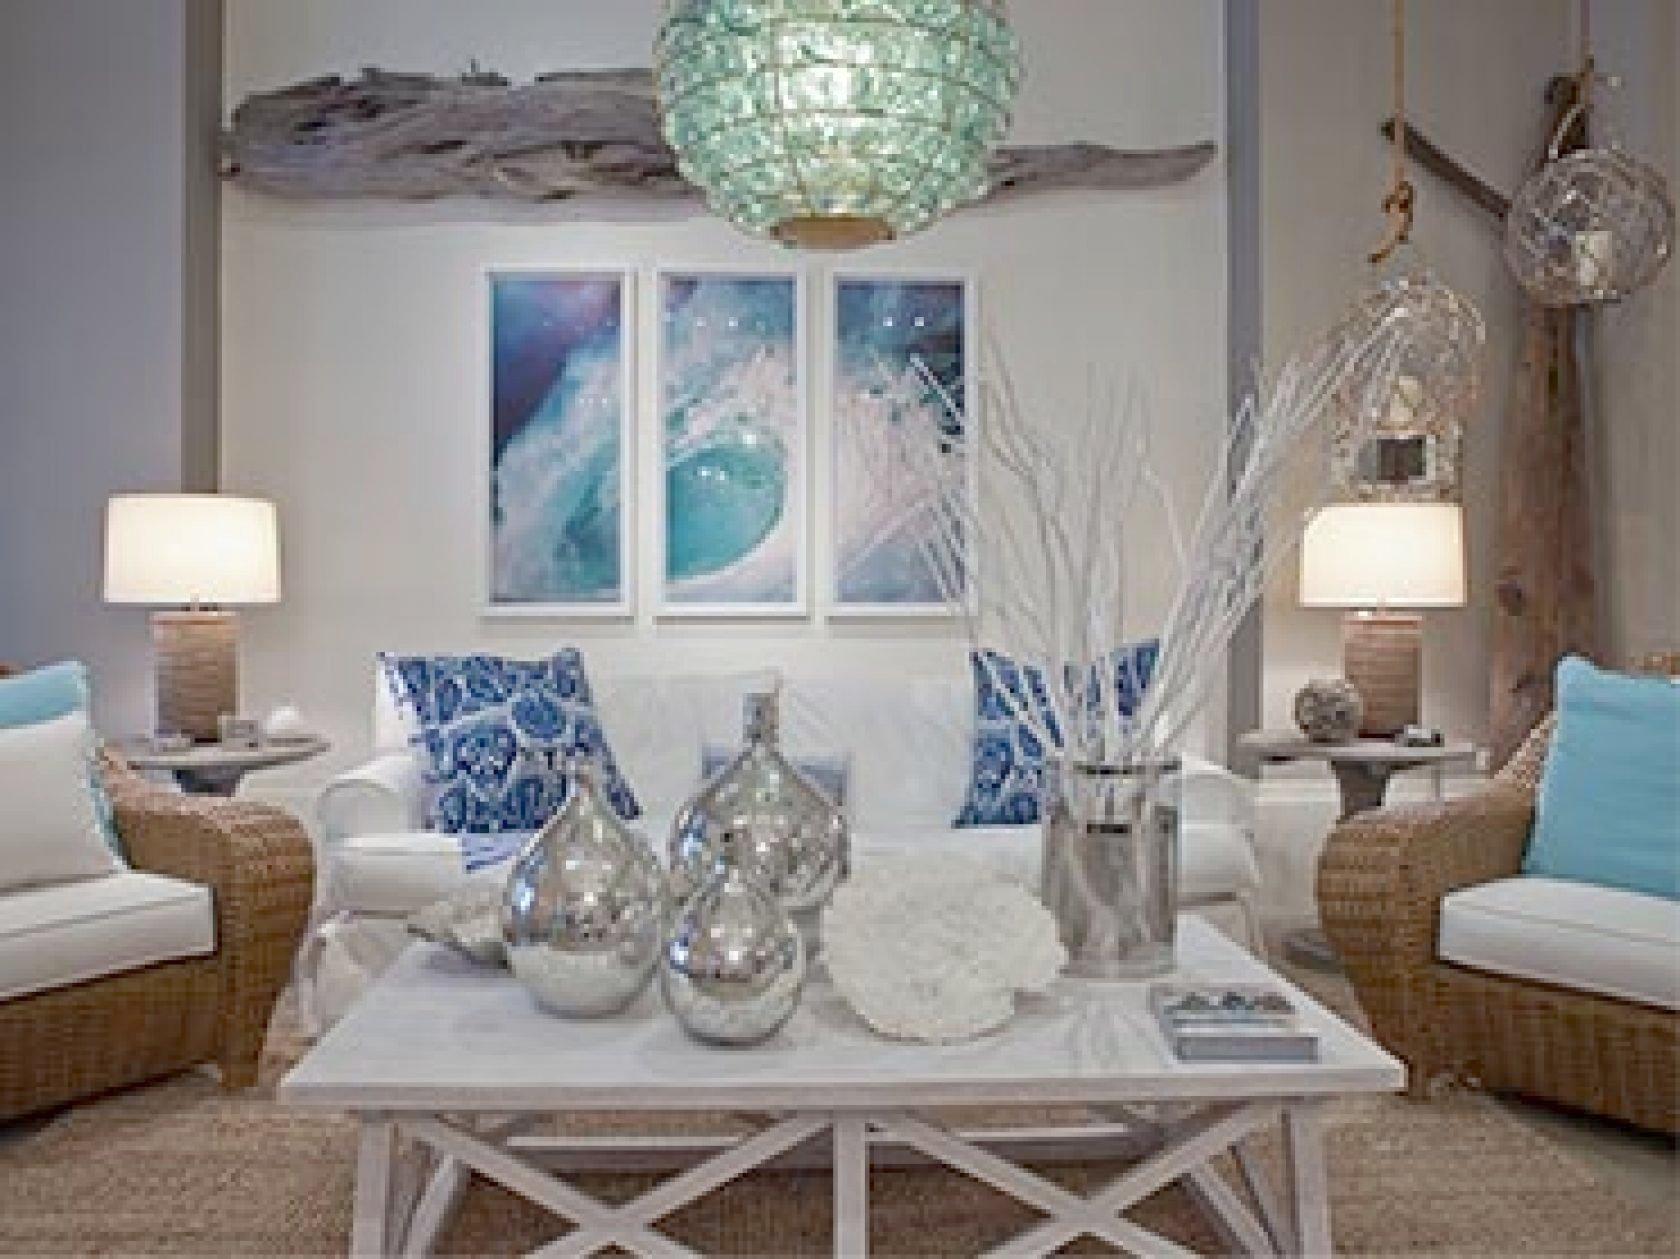 Awesome Beach Decor Furniture Nautical Home Decor Coastal Furnishings